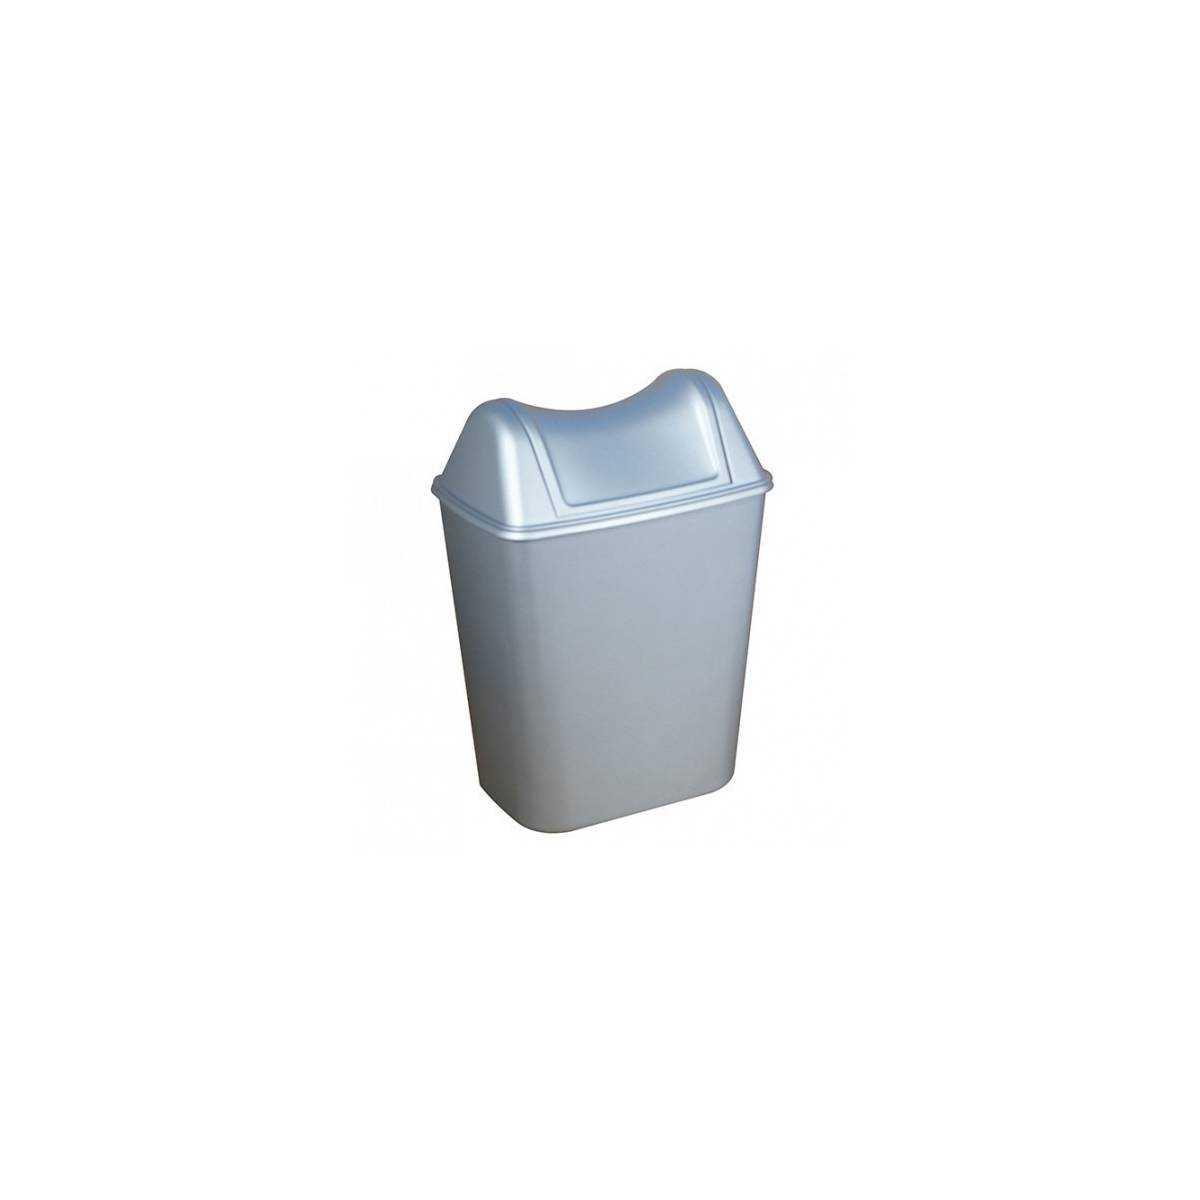 Урна для мусора с поворотной крышкой 8л ACQUALBA (579+580SAT) 579+580SAT TTS